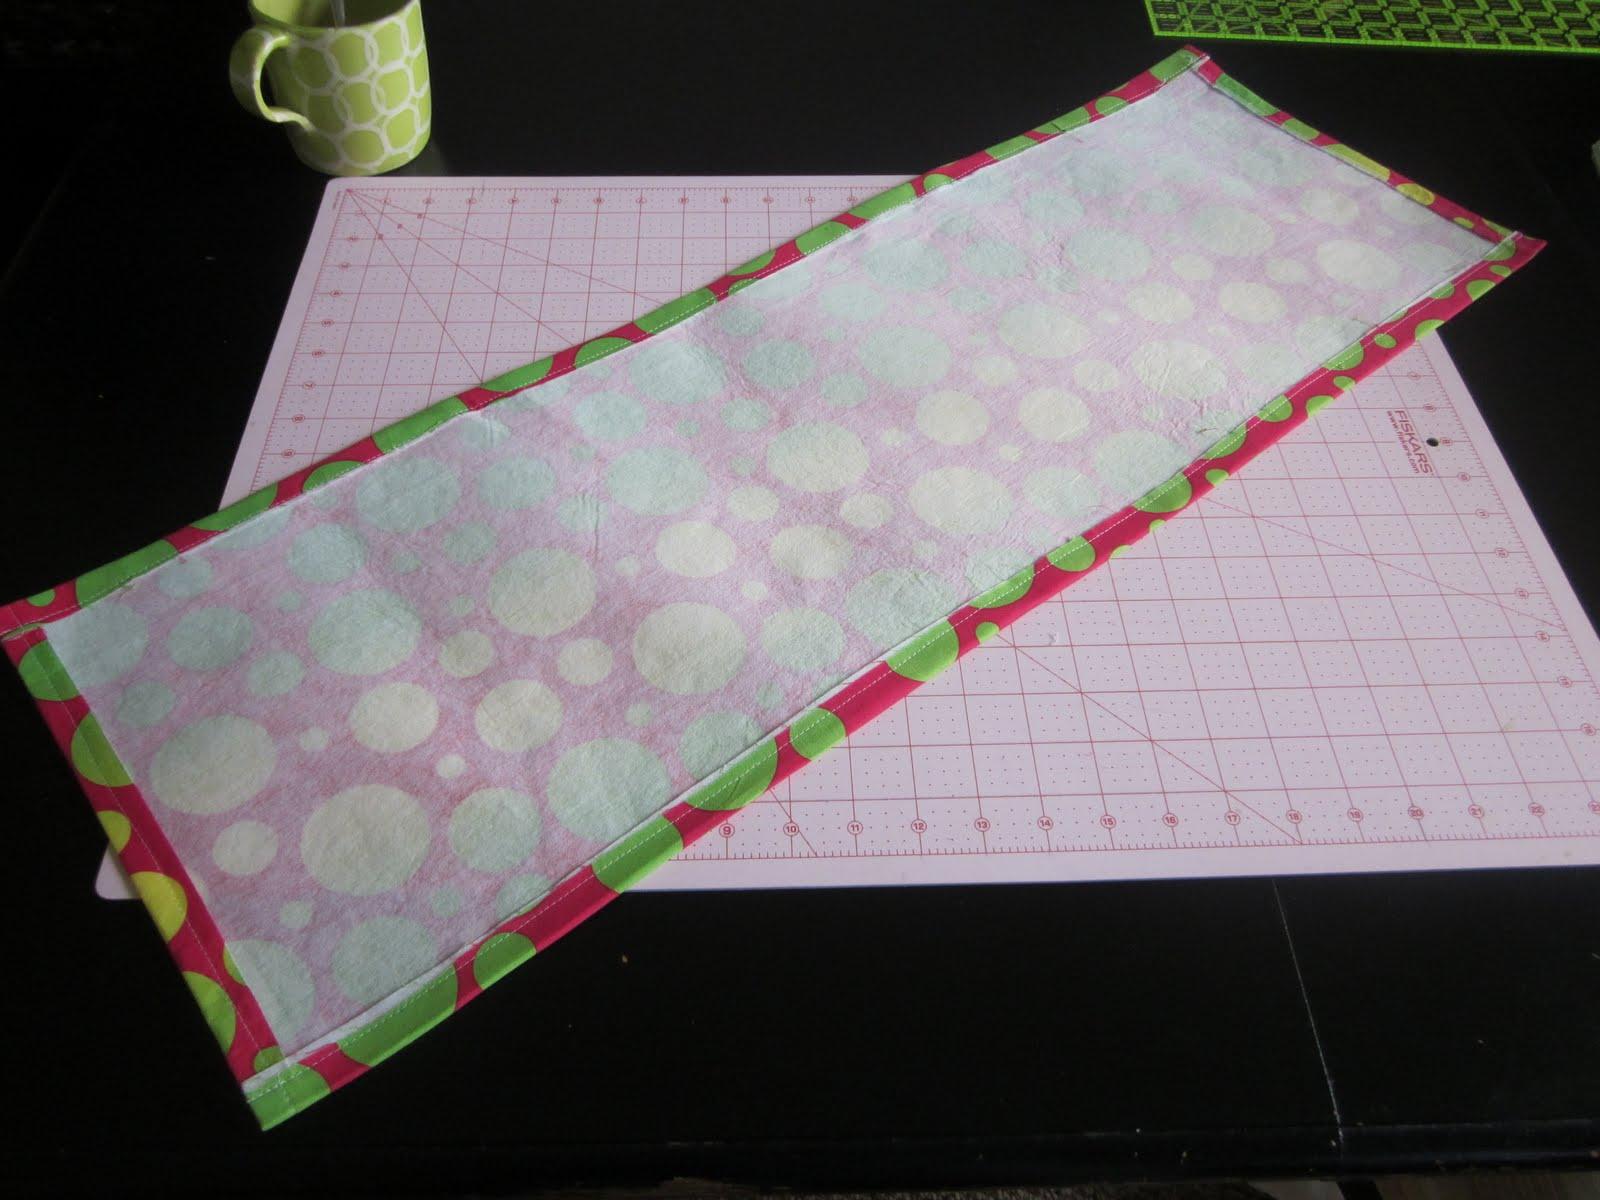 Handmade Fabric Book Cover Tutorial : S o t a k handmade fabric text book cover tutorial